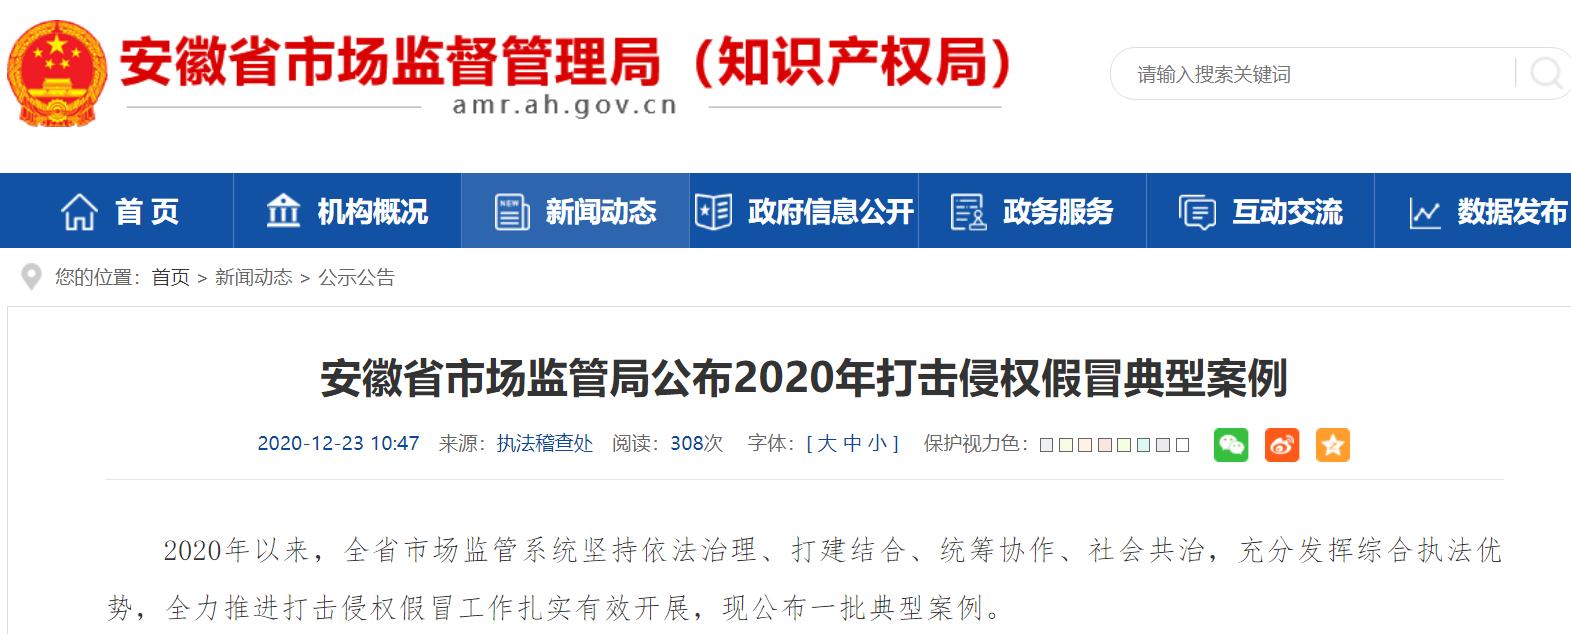 安徽公布打击侵权假冒典型案例 力天新材料因税务问题被查处